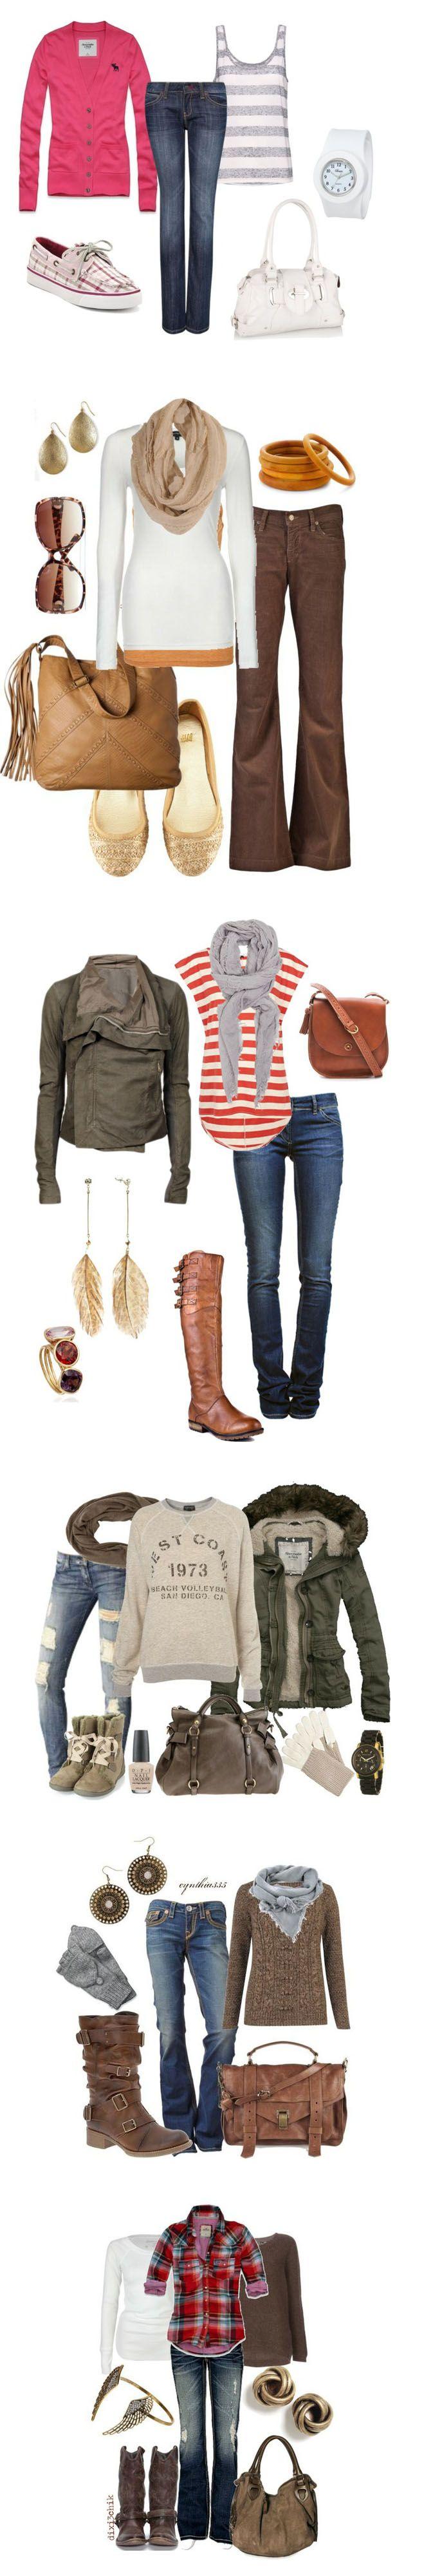 bright fall fashions